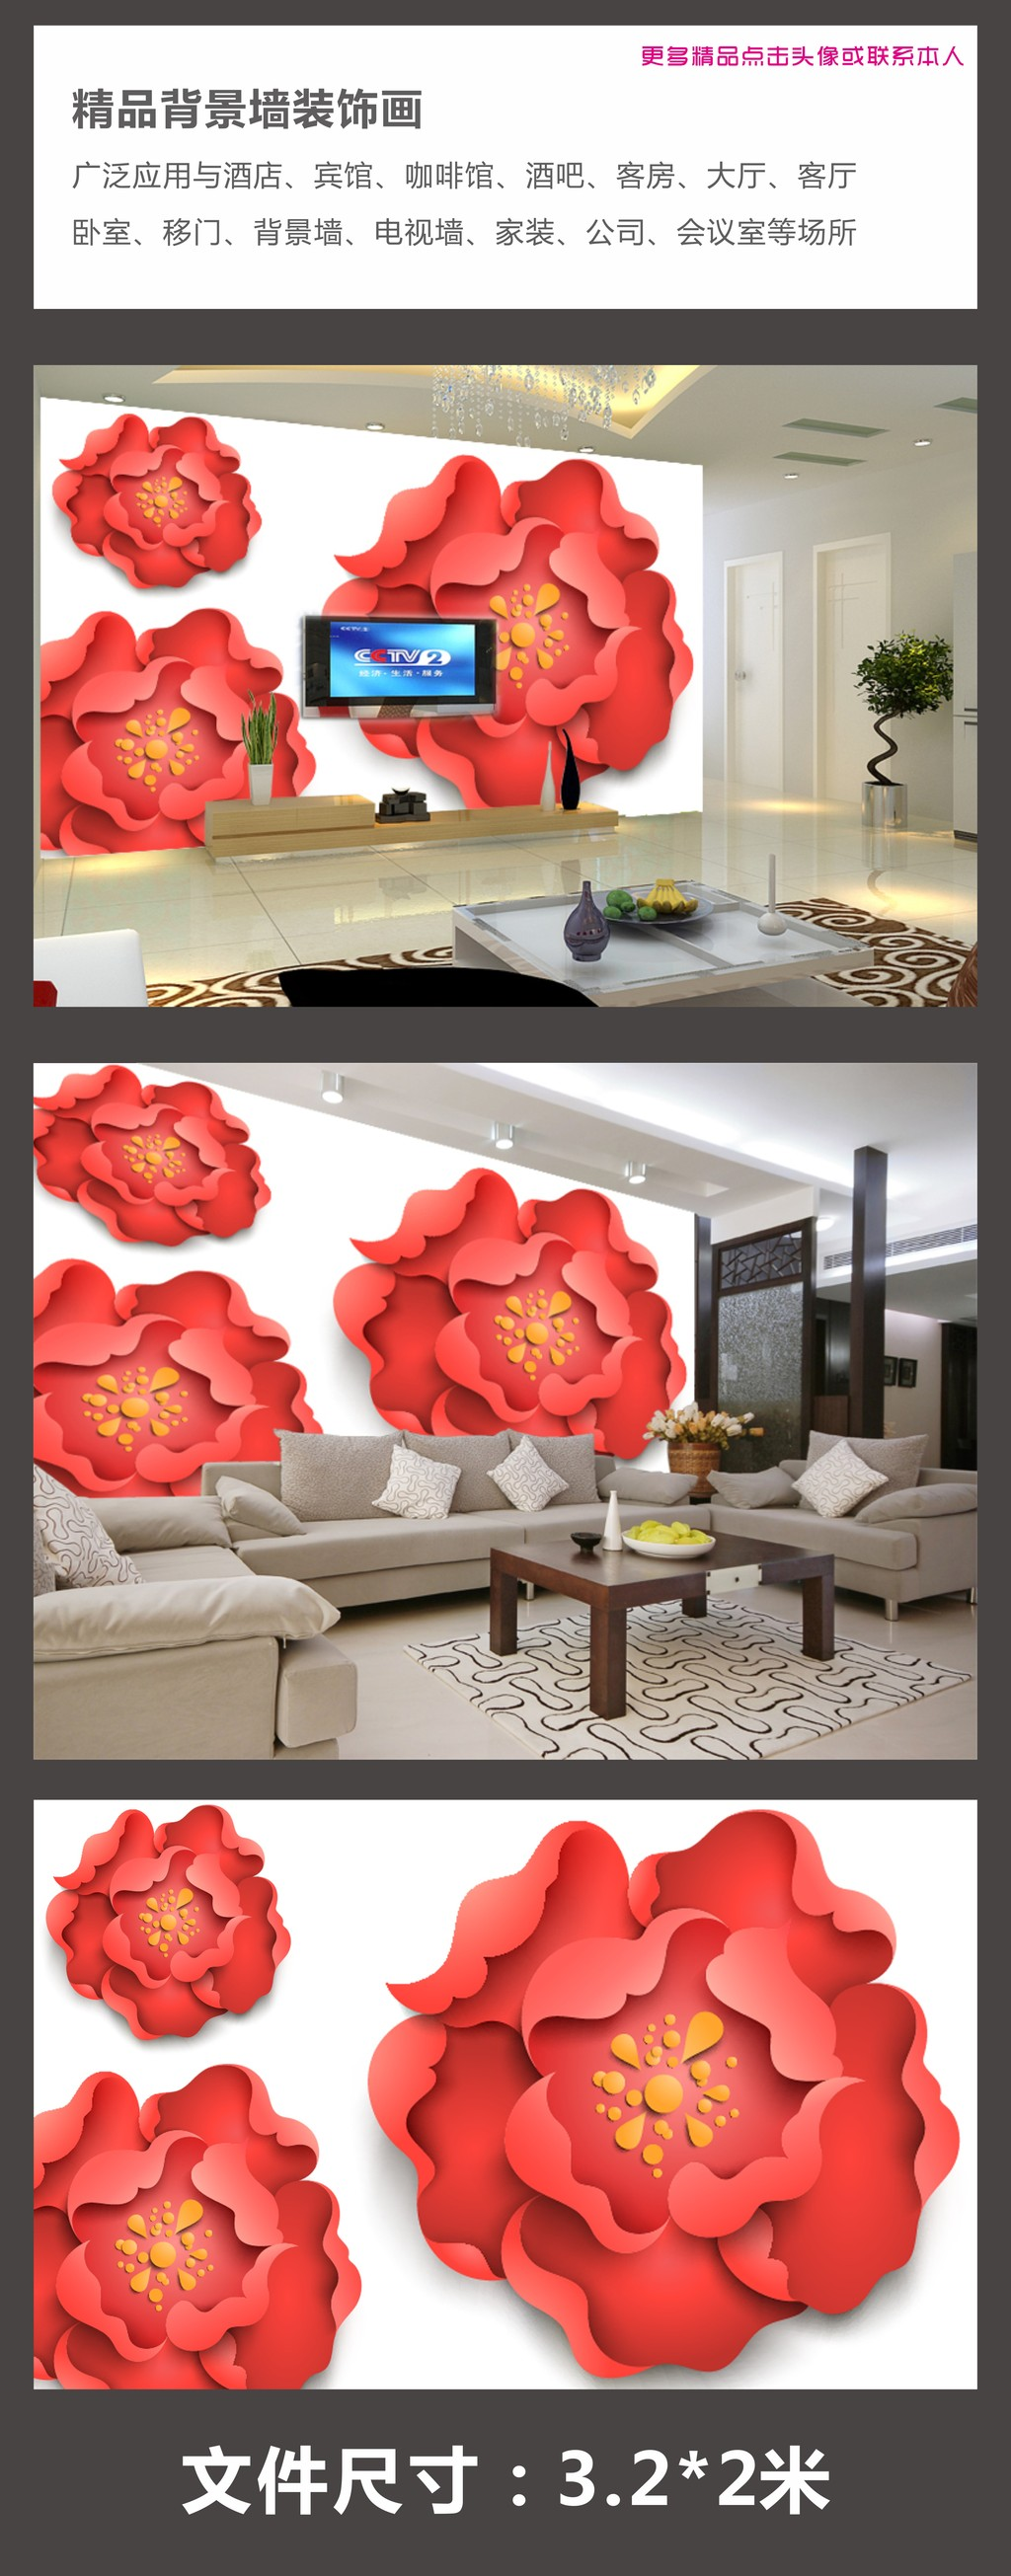 背景墙|装饰画 电视背景墙 手绘电视背景墙 > 手绘玫瑰花壁画墙纸背景